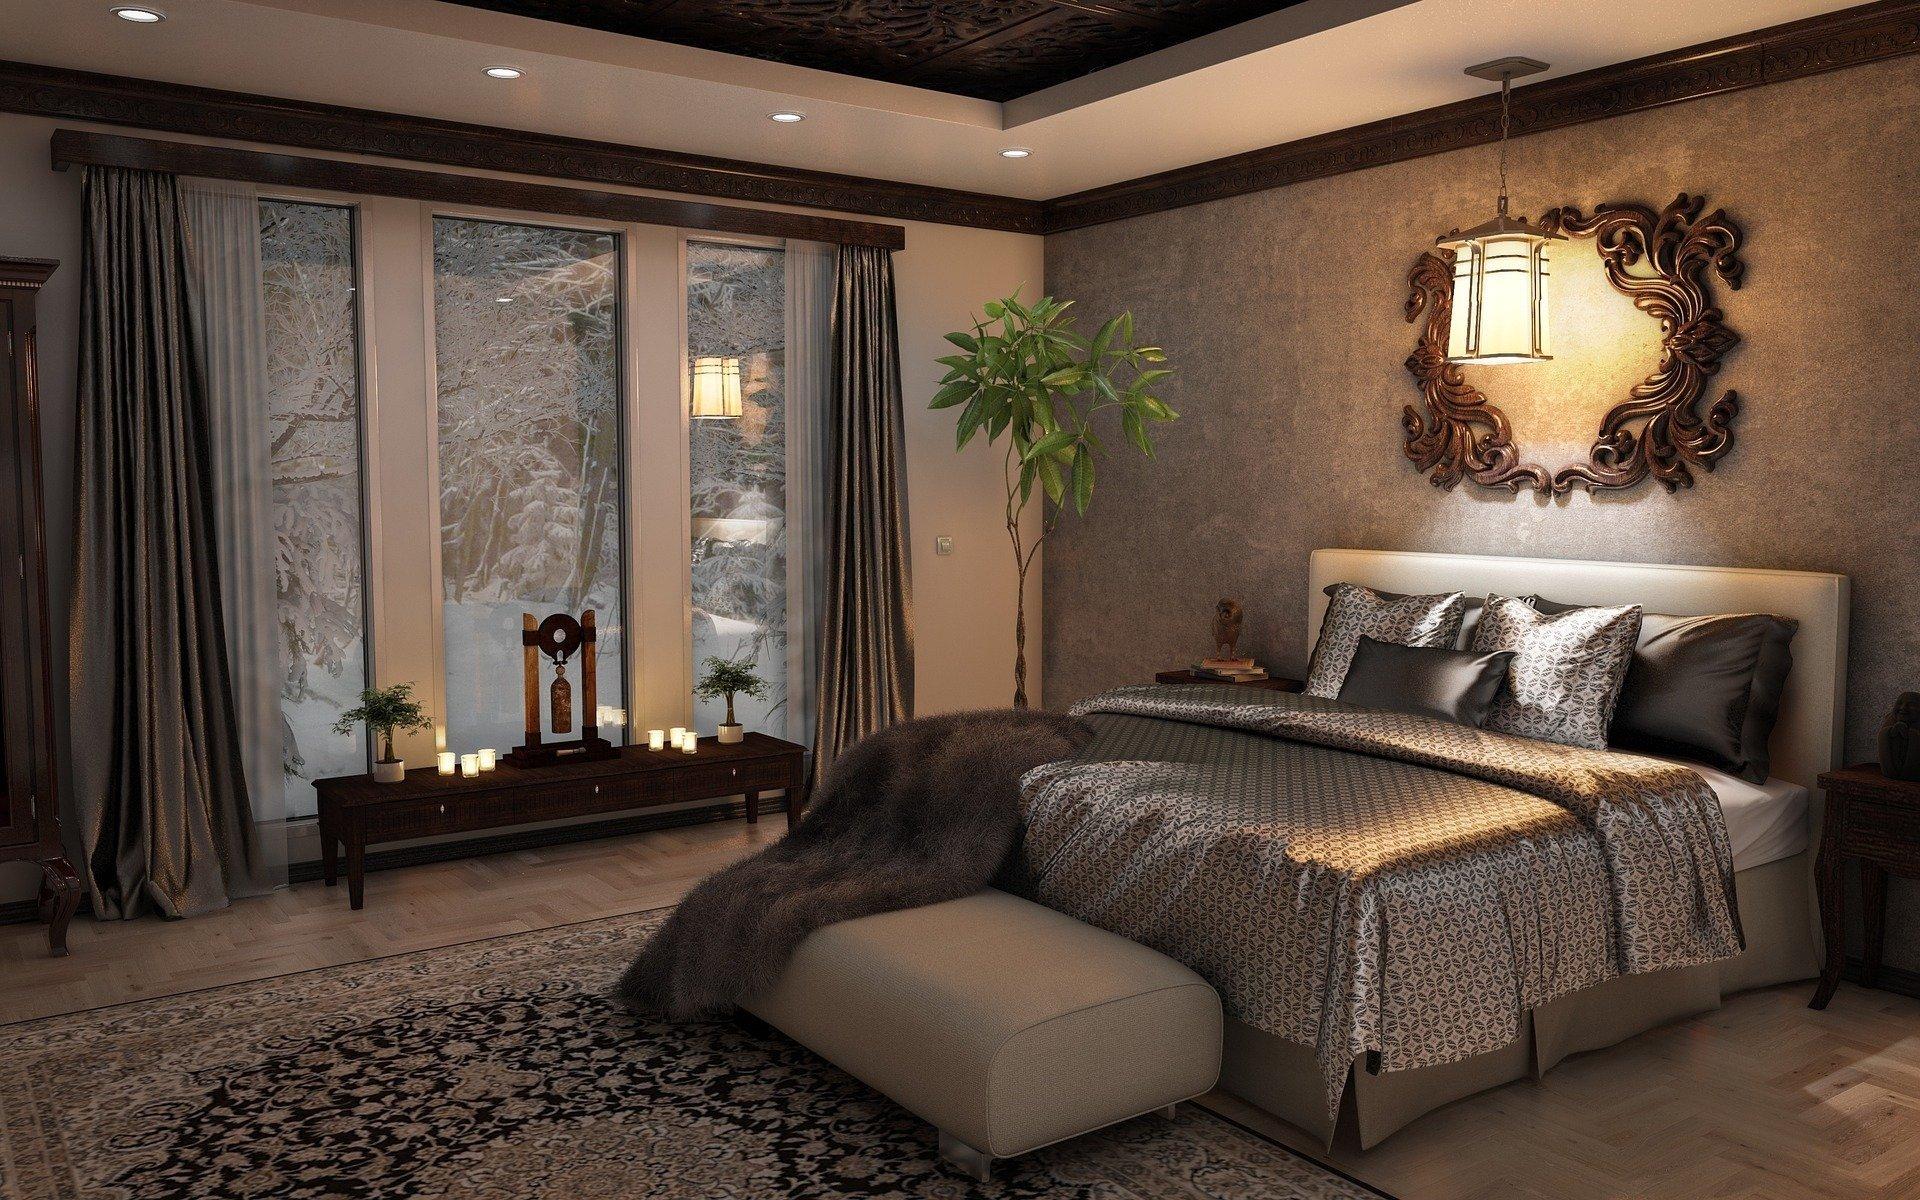 Dit zijn de belangrijkste slaapkamer design trends voor 2021!